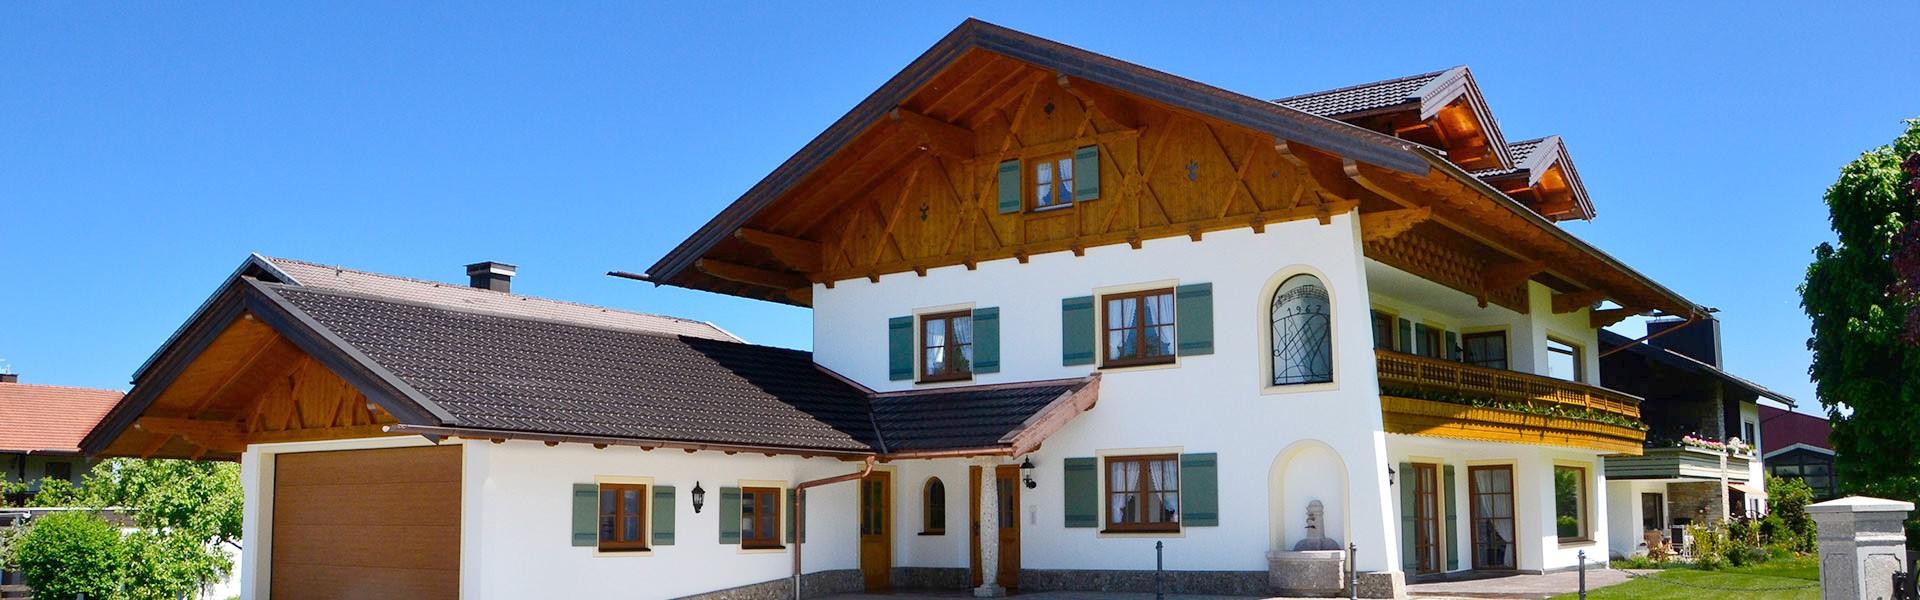 Ferienwohnung Hauszeit in Bernau am Chiemsee